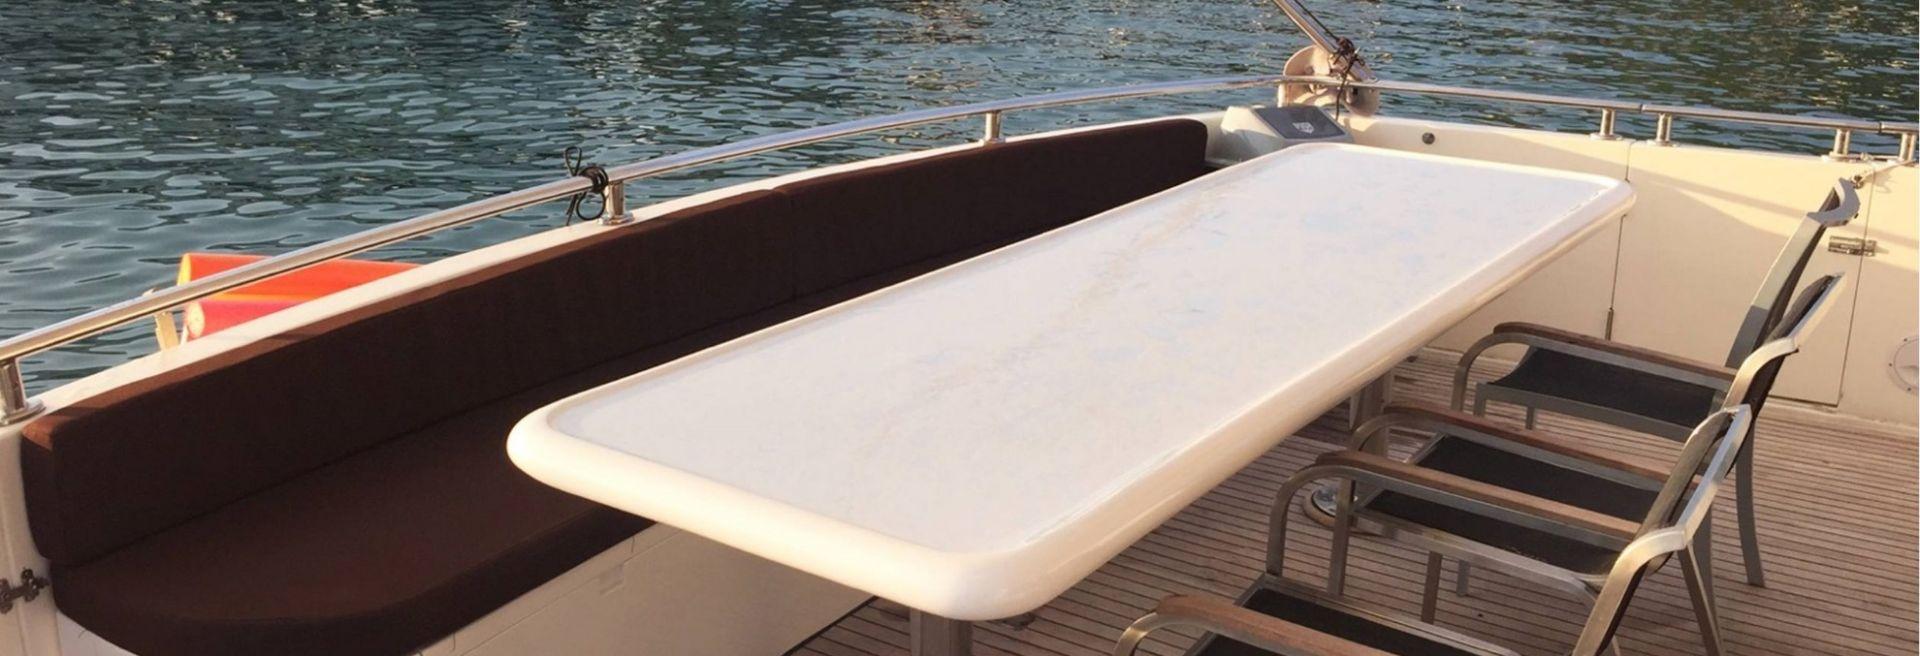 Hong Kong Yacht Charter - HKY33